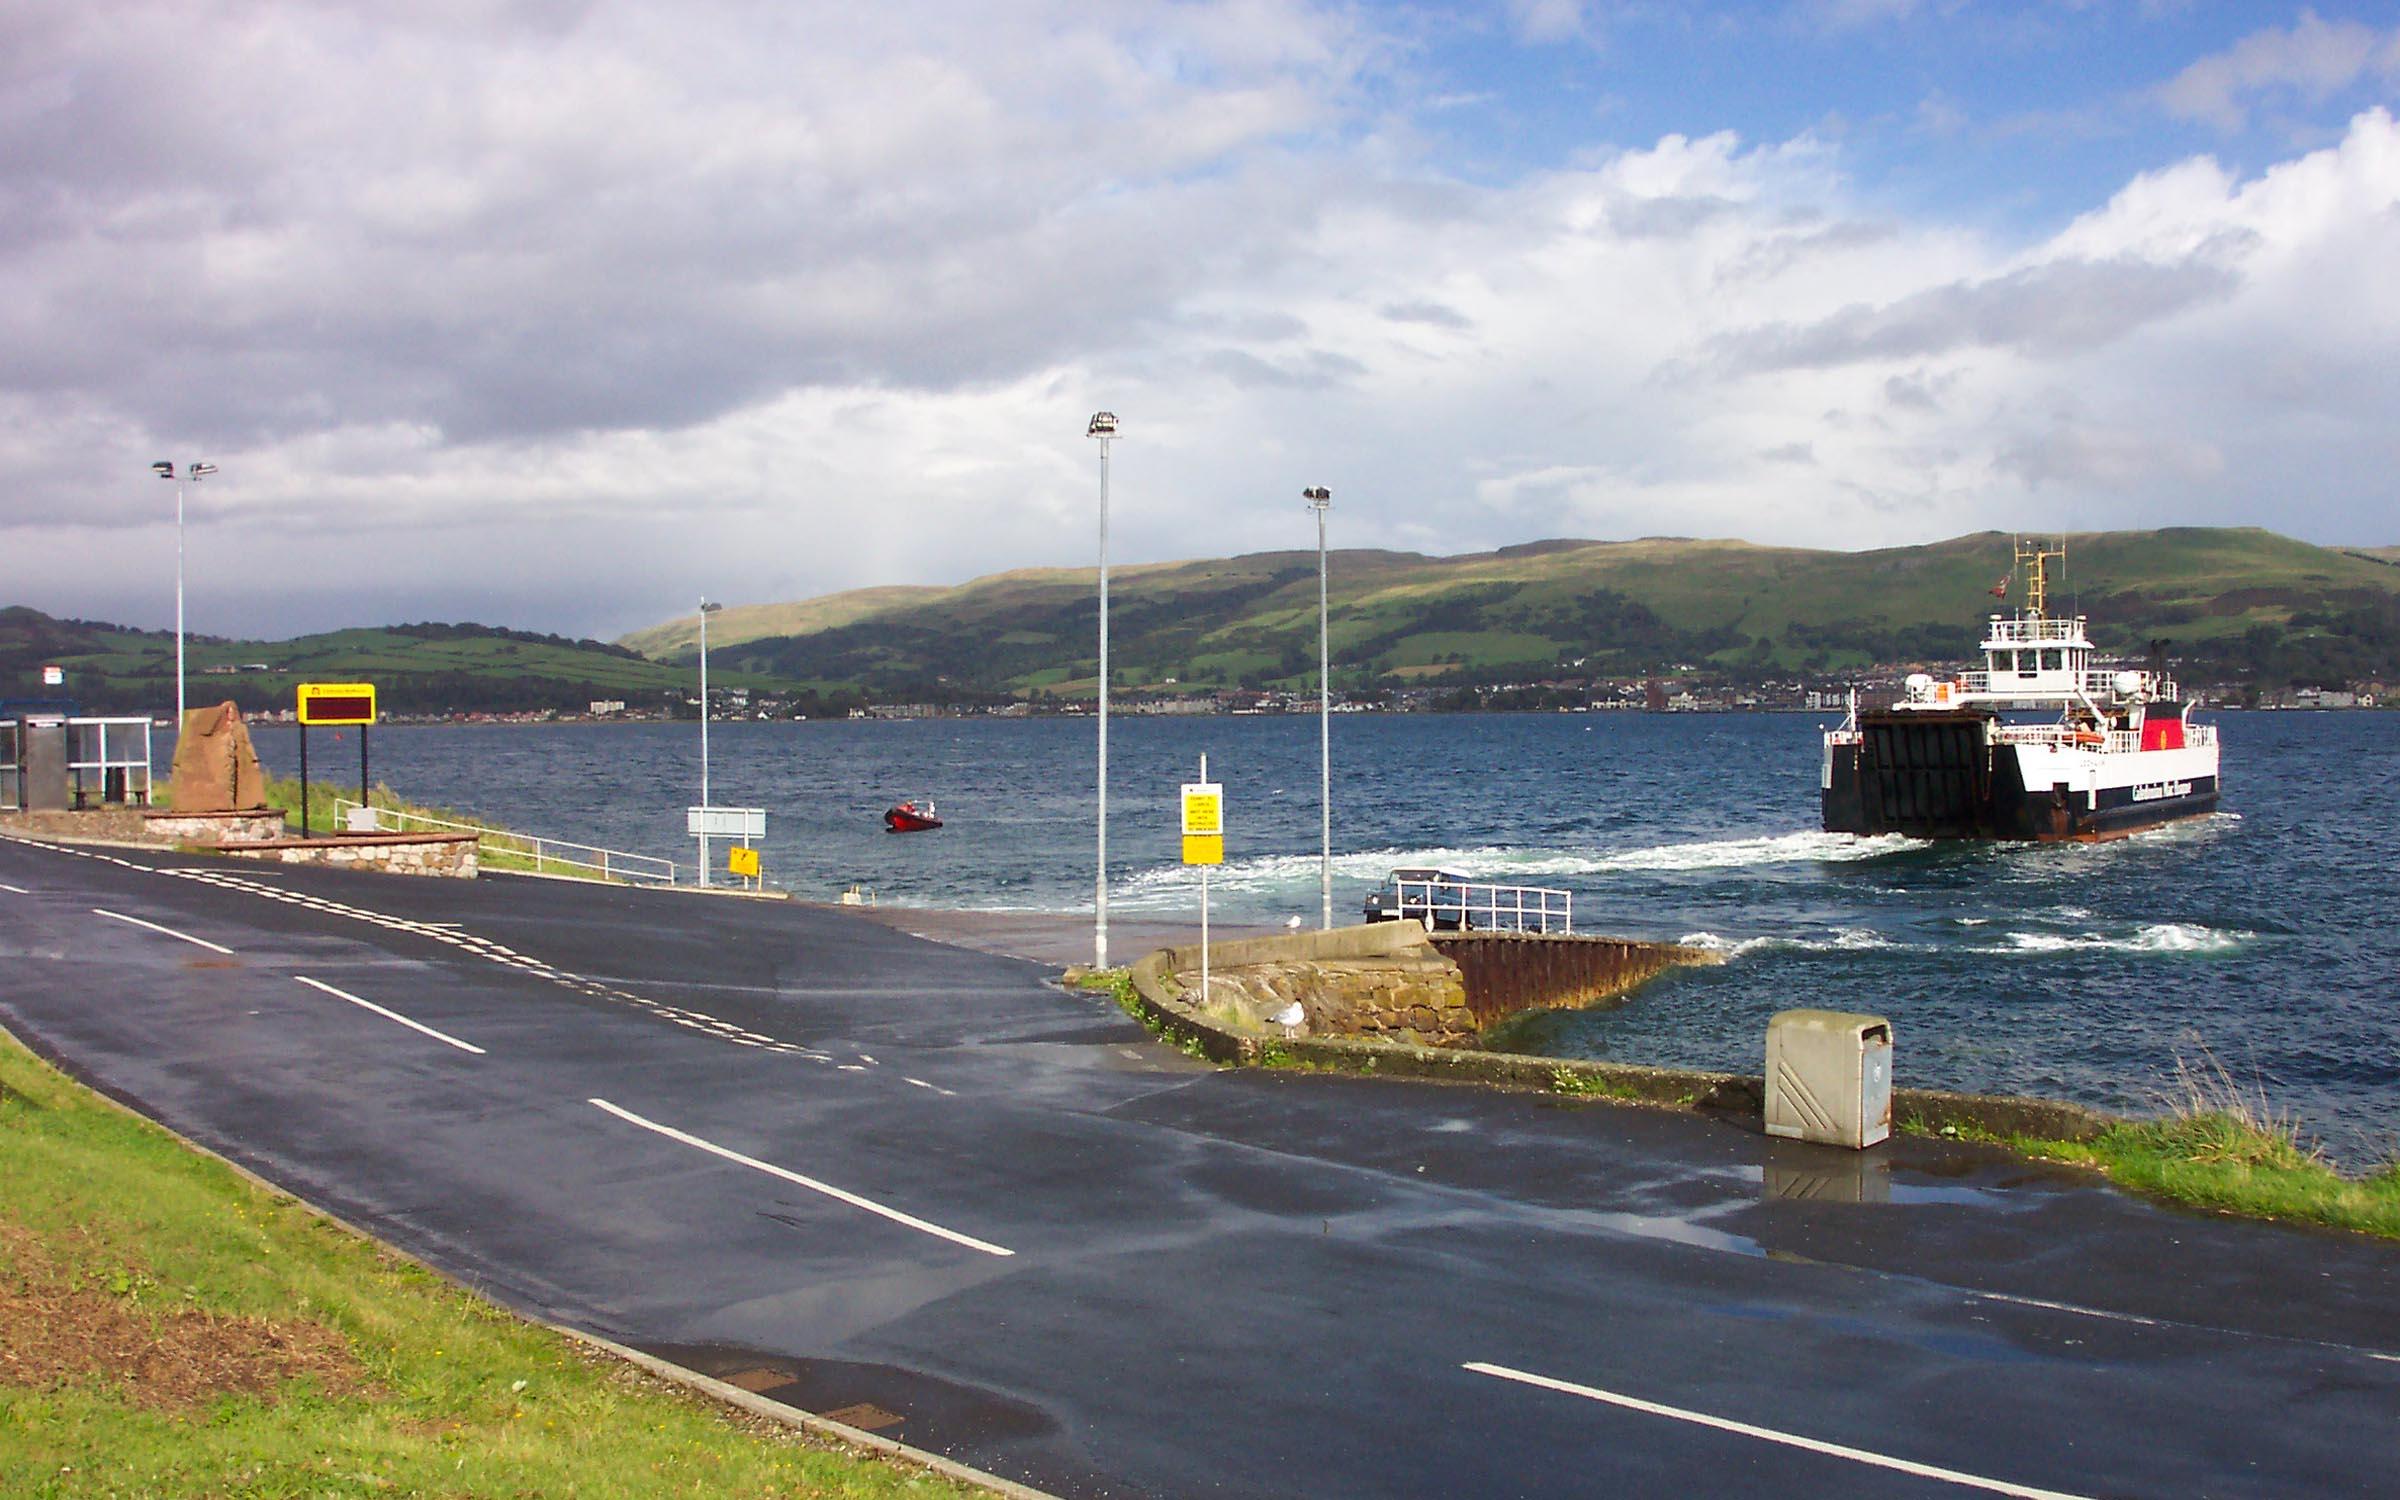 Loch Alainn leaving Cumbrae (Ships of CalMac)